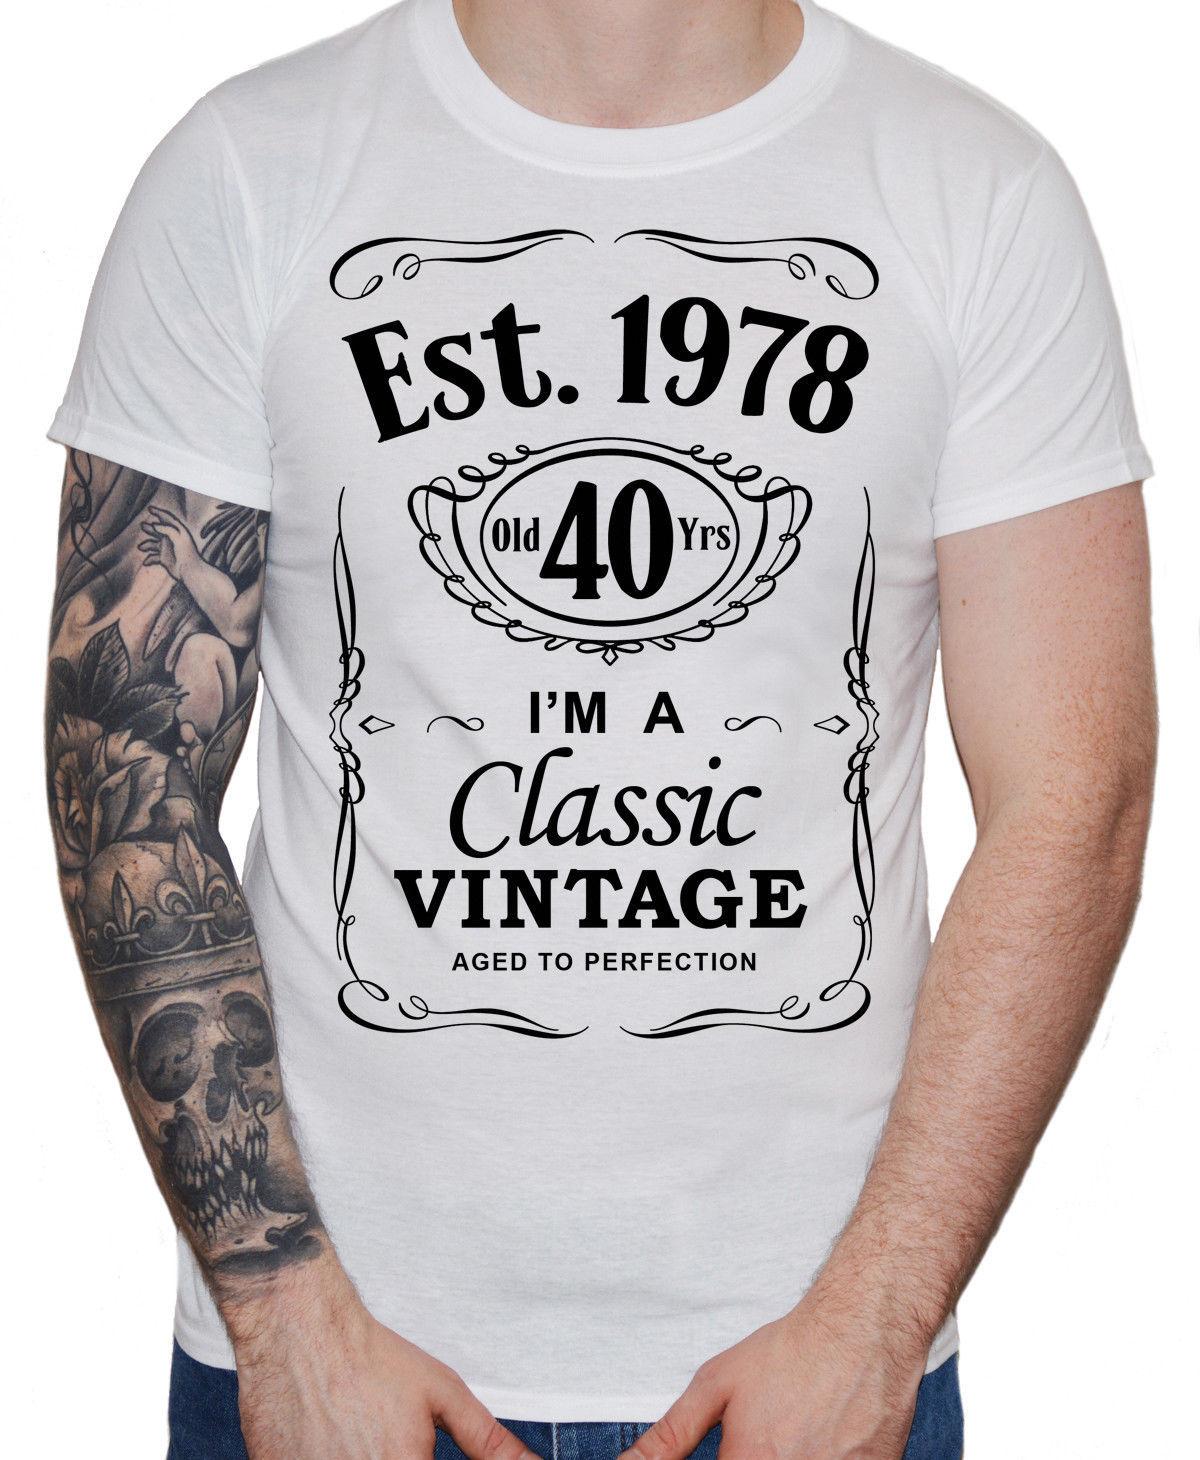 2018 Regalo Hombre 1978 Vintage Nueva Para Años Camiseta Cumpleaños Est Cool 40 0nNwZ8kXOP